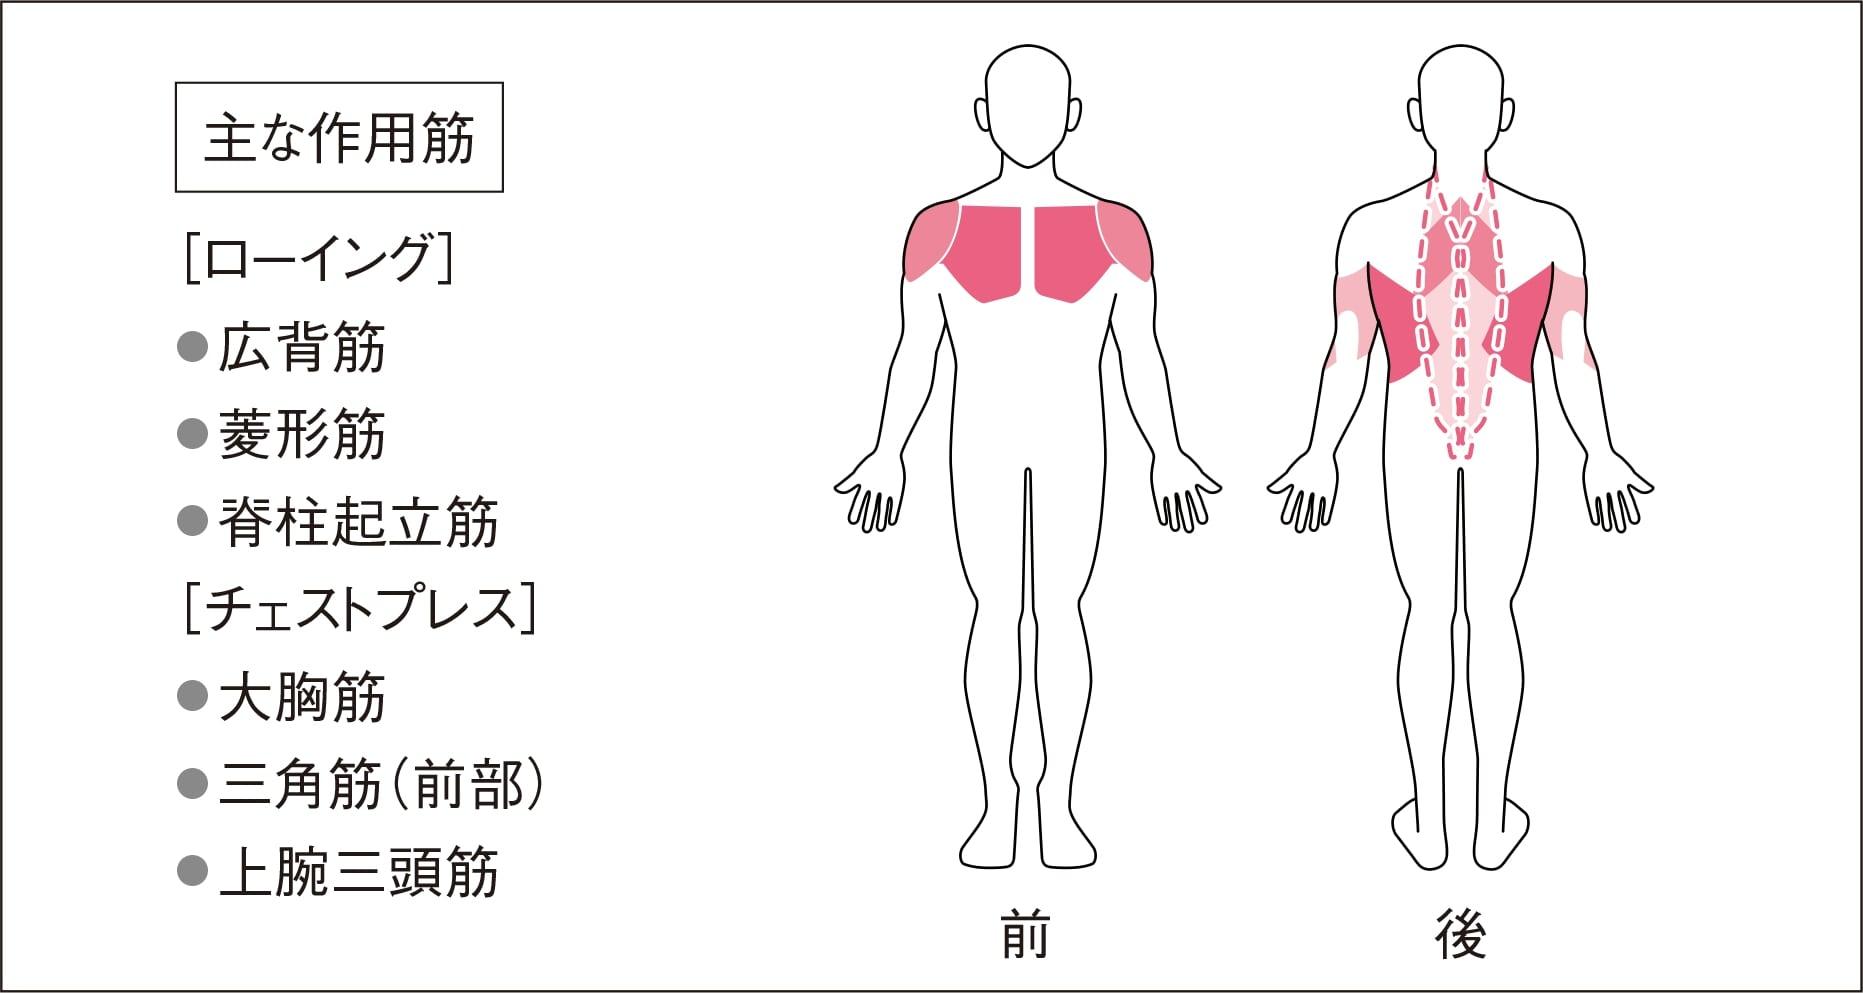 域 肩 関節 可動